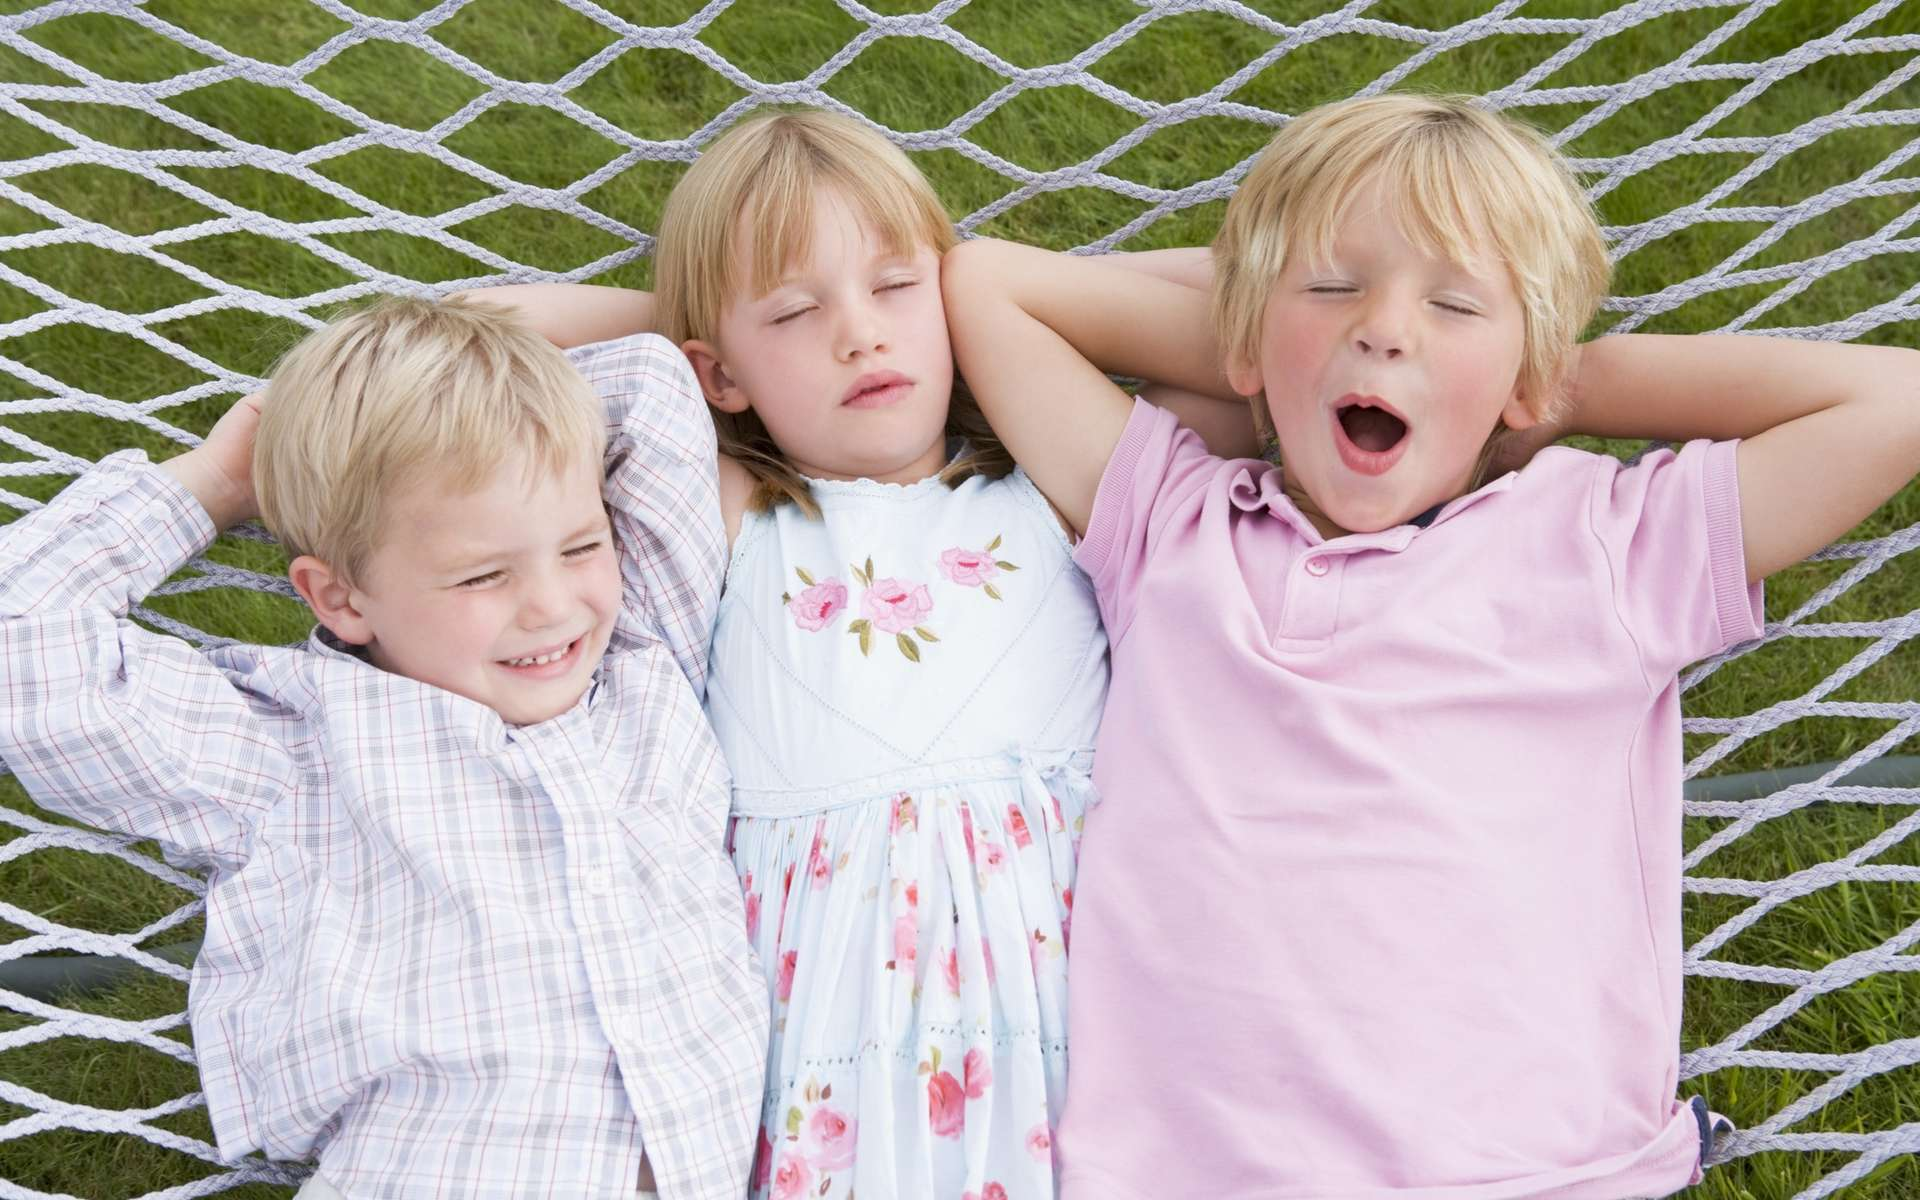 La passiflore permettrait de retrouver le sommeil. Elle ne présente aucune contre-indication chez les enfants. © Phovoir